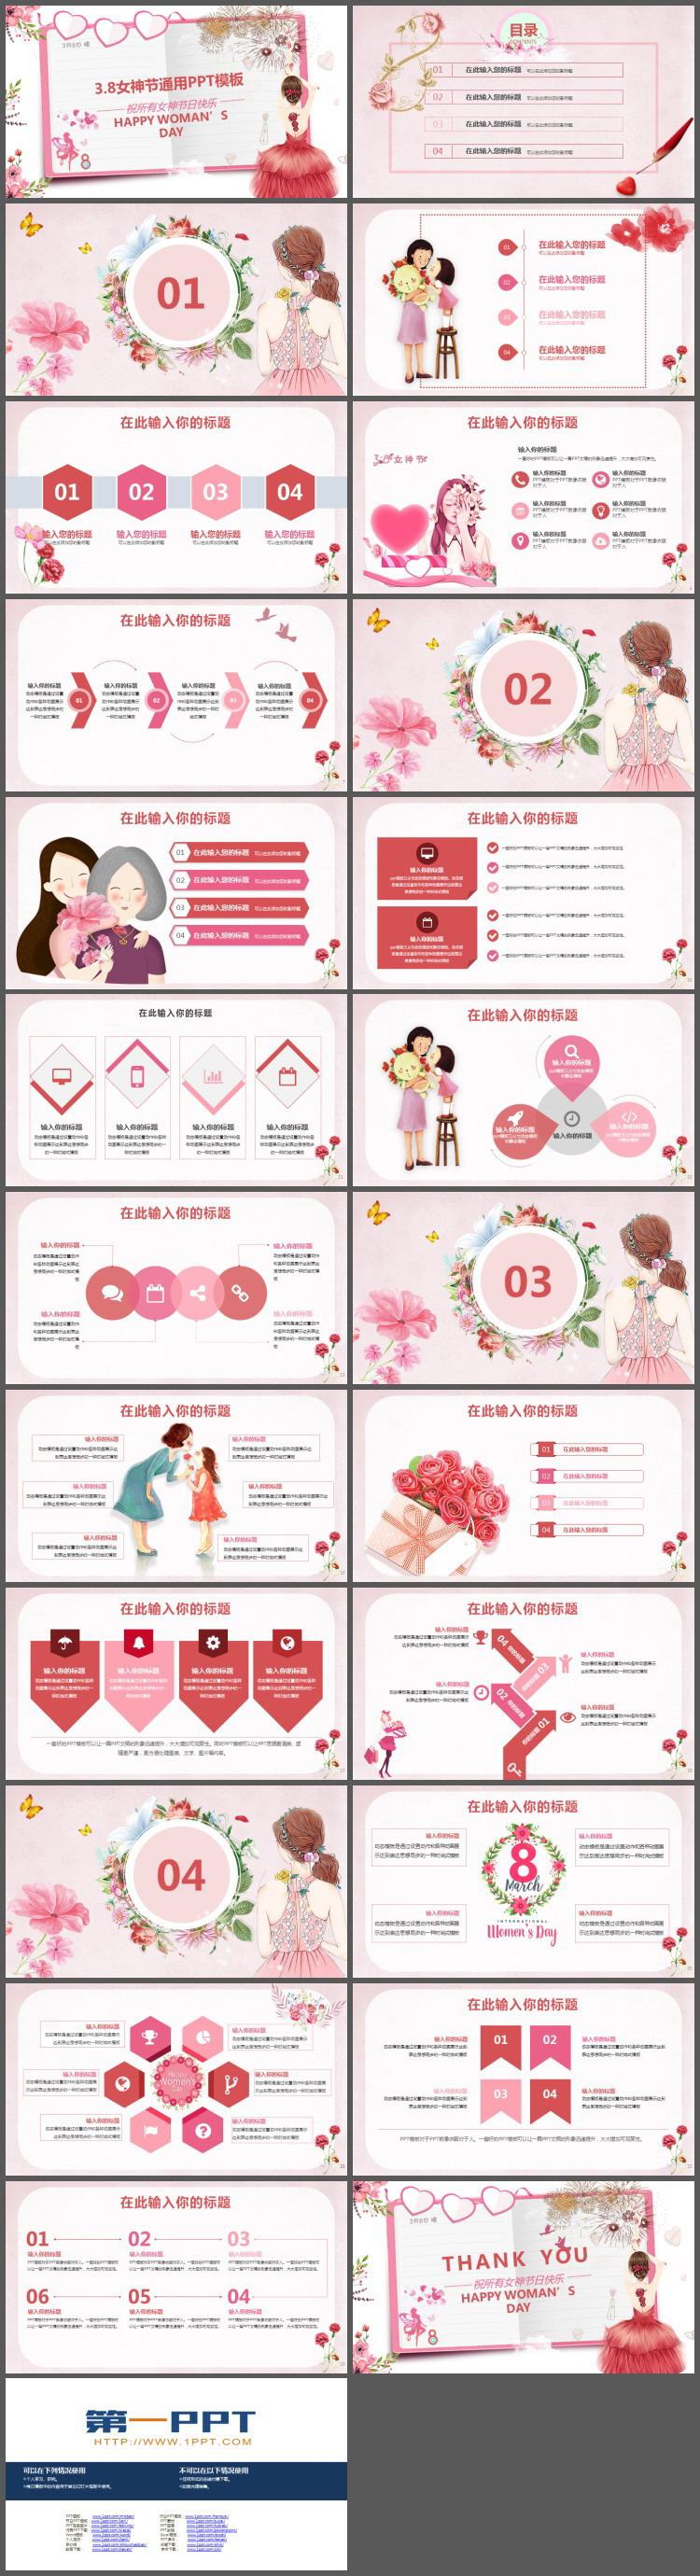 粉色日记本与舞蹈女孩背景的女神节PPT模板